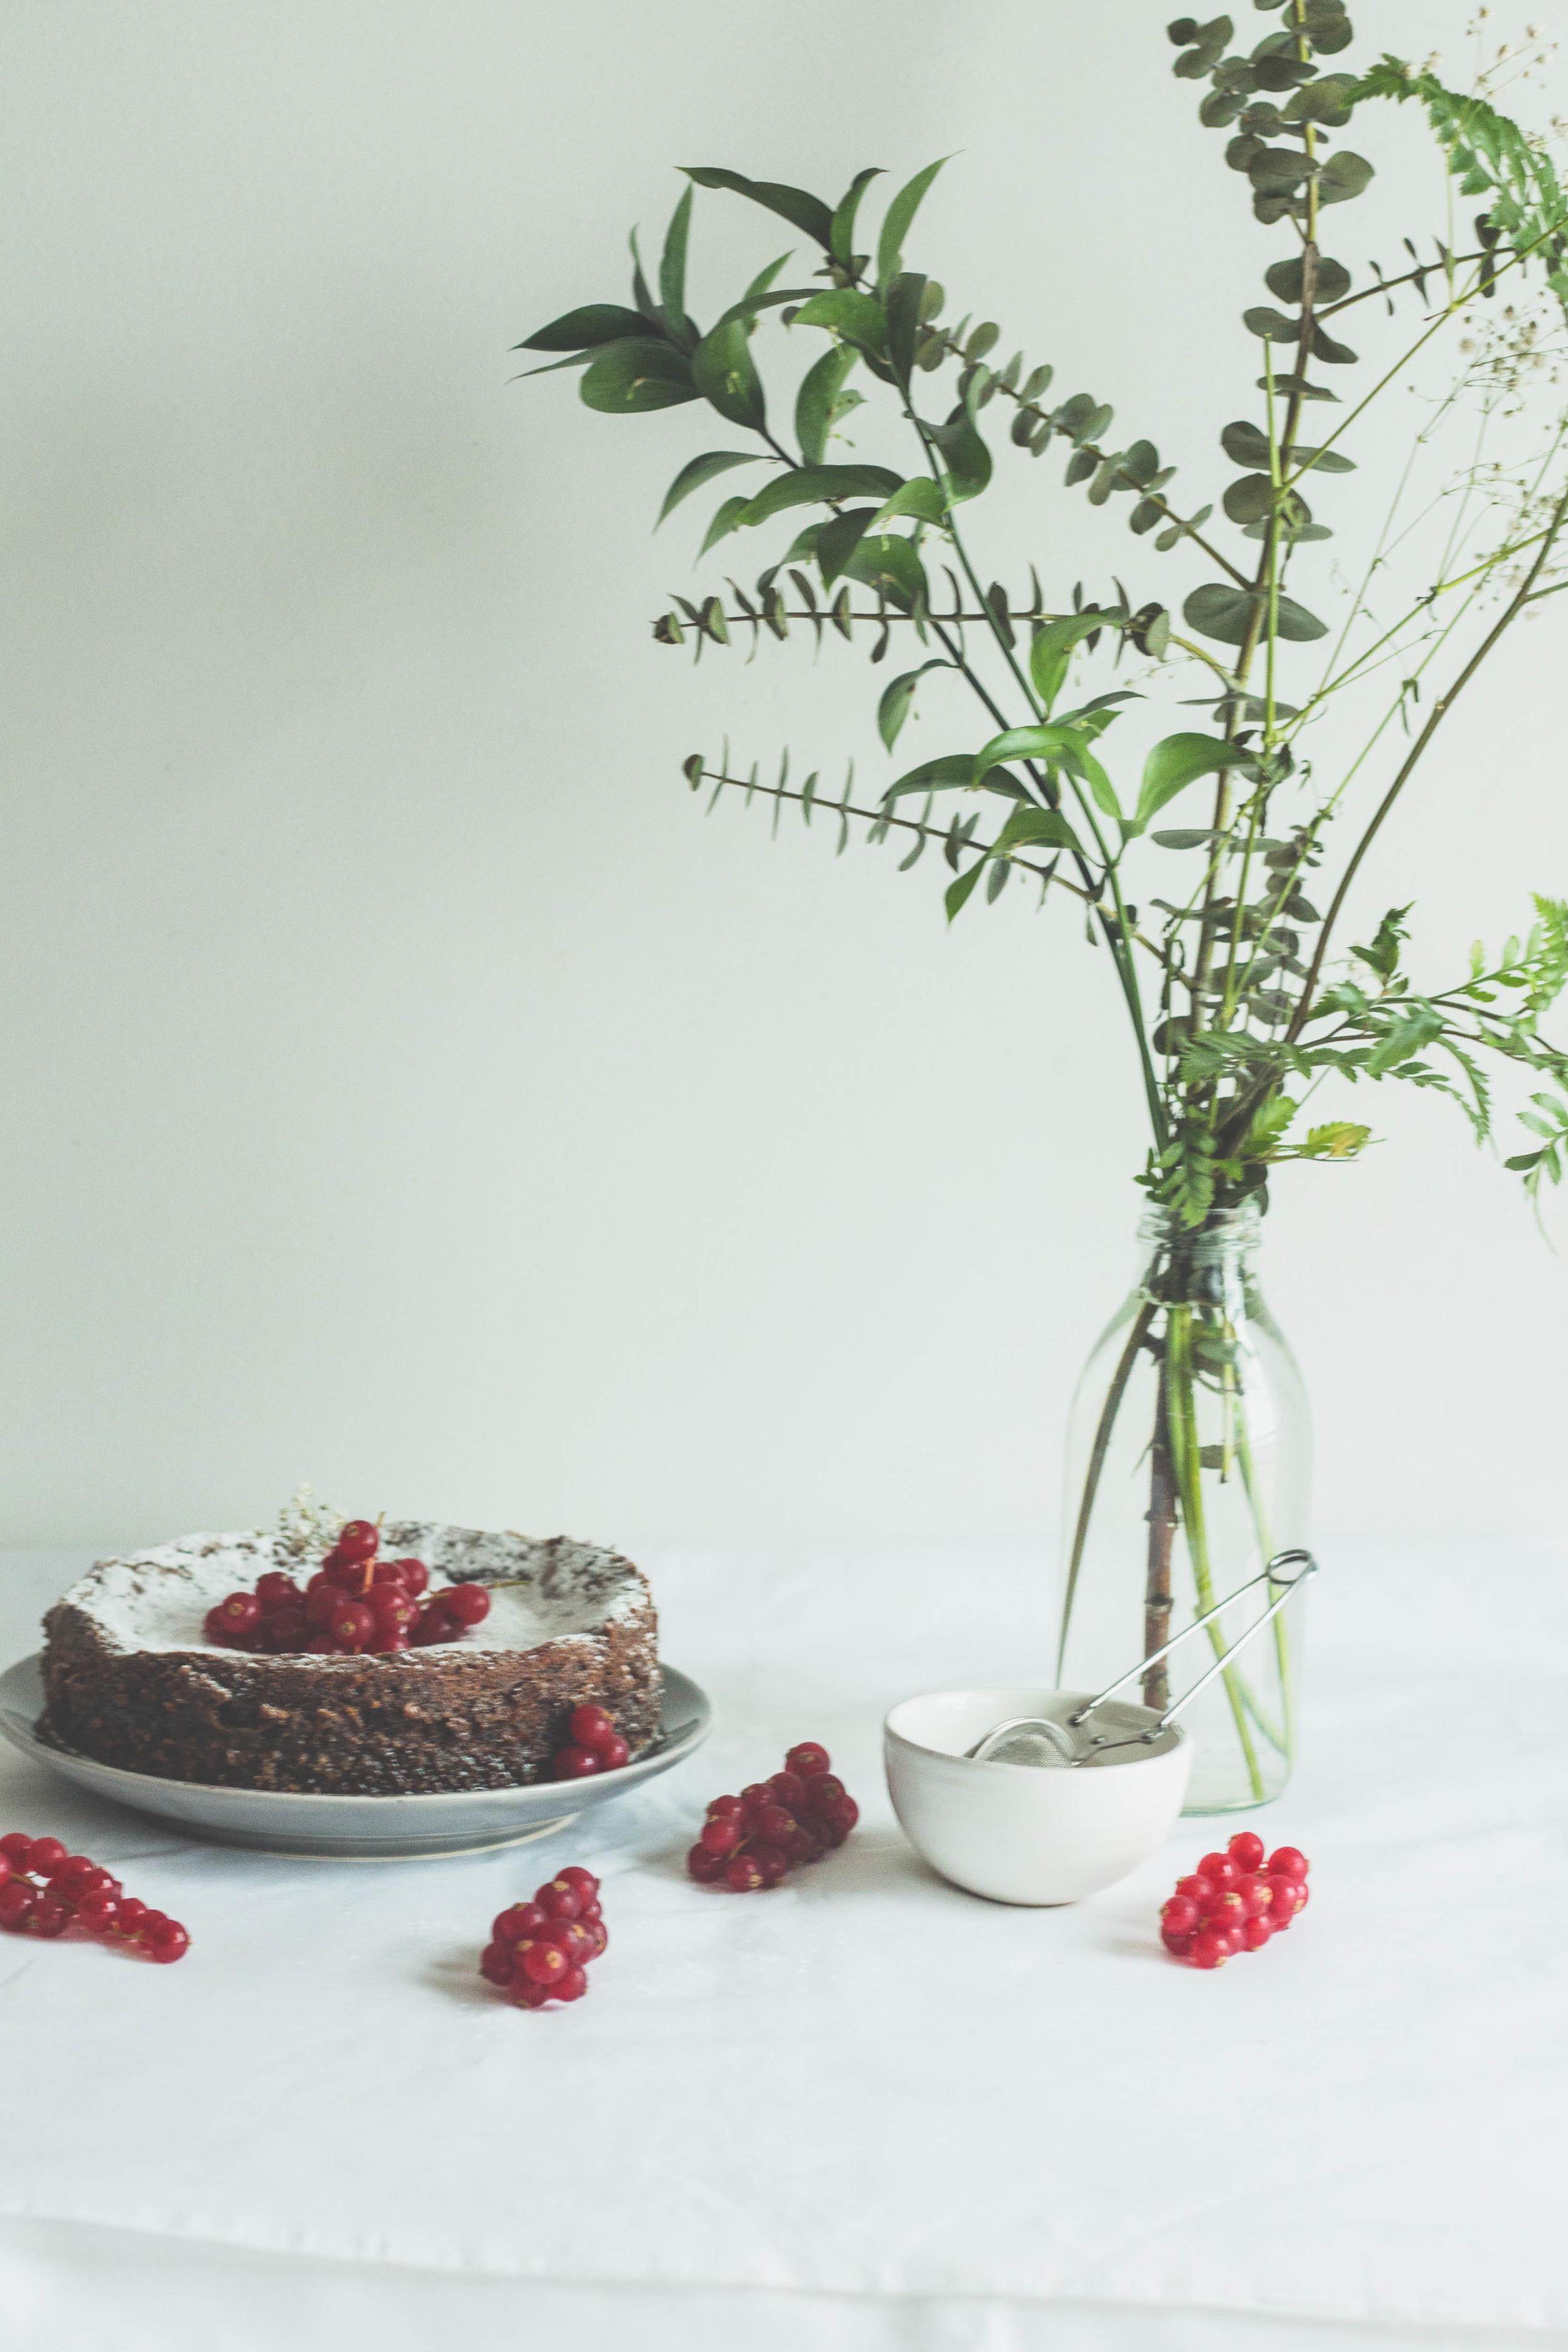 swedish choco cake1